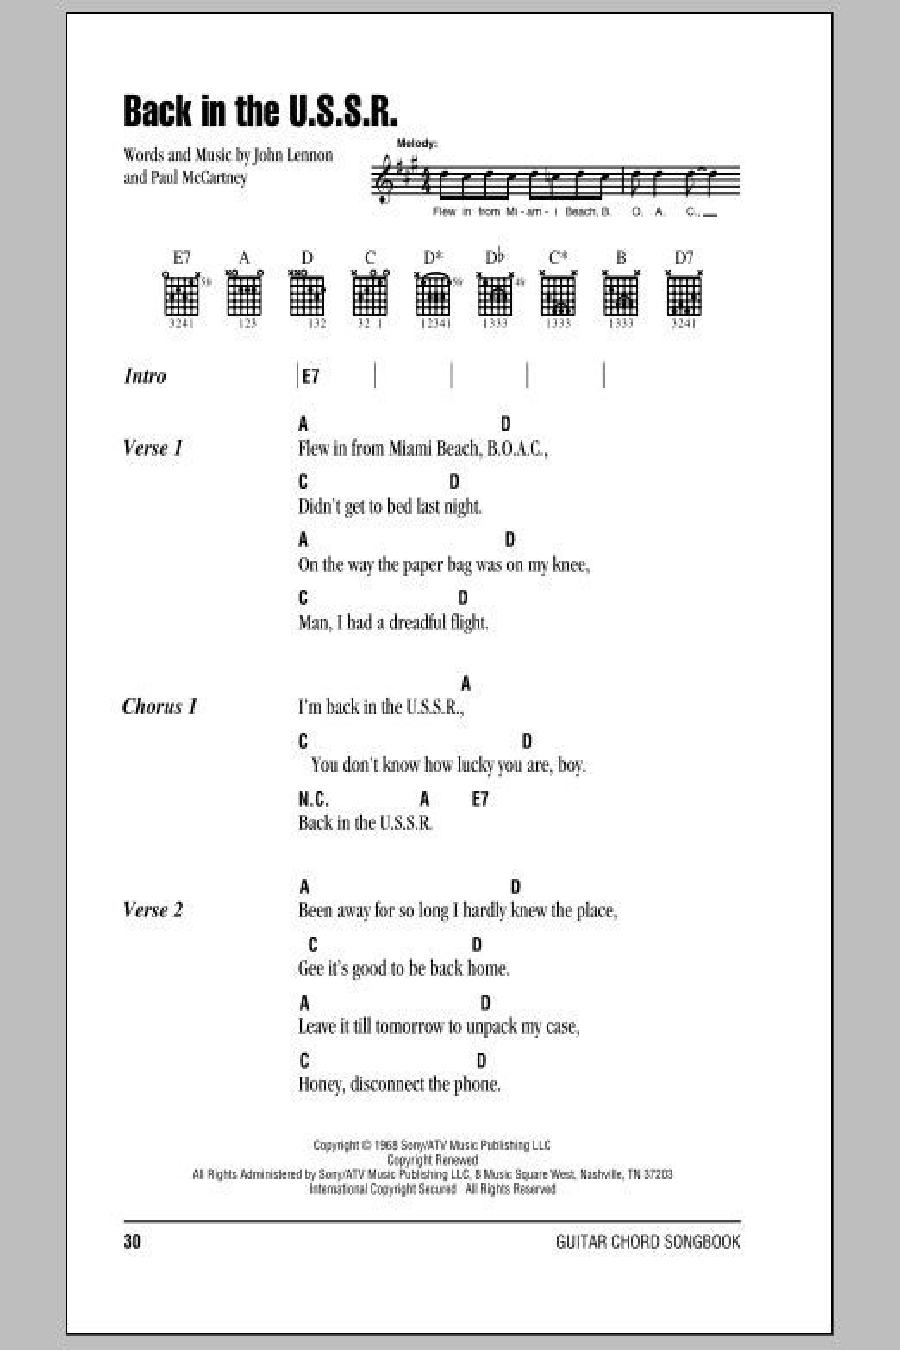 Sheet Music Digital Files To Print Licensed John Lennon Digital